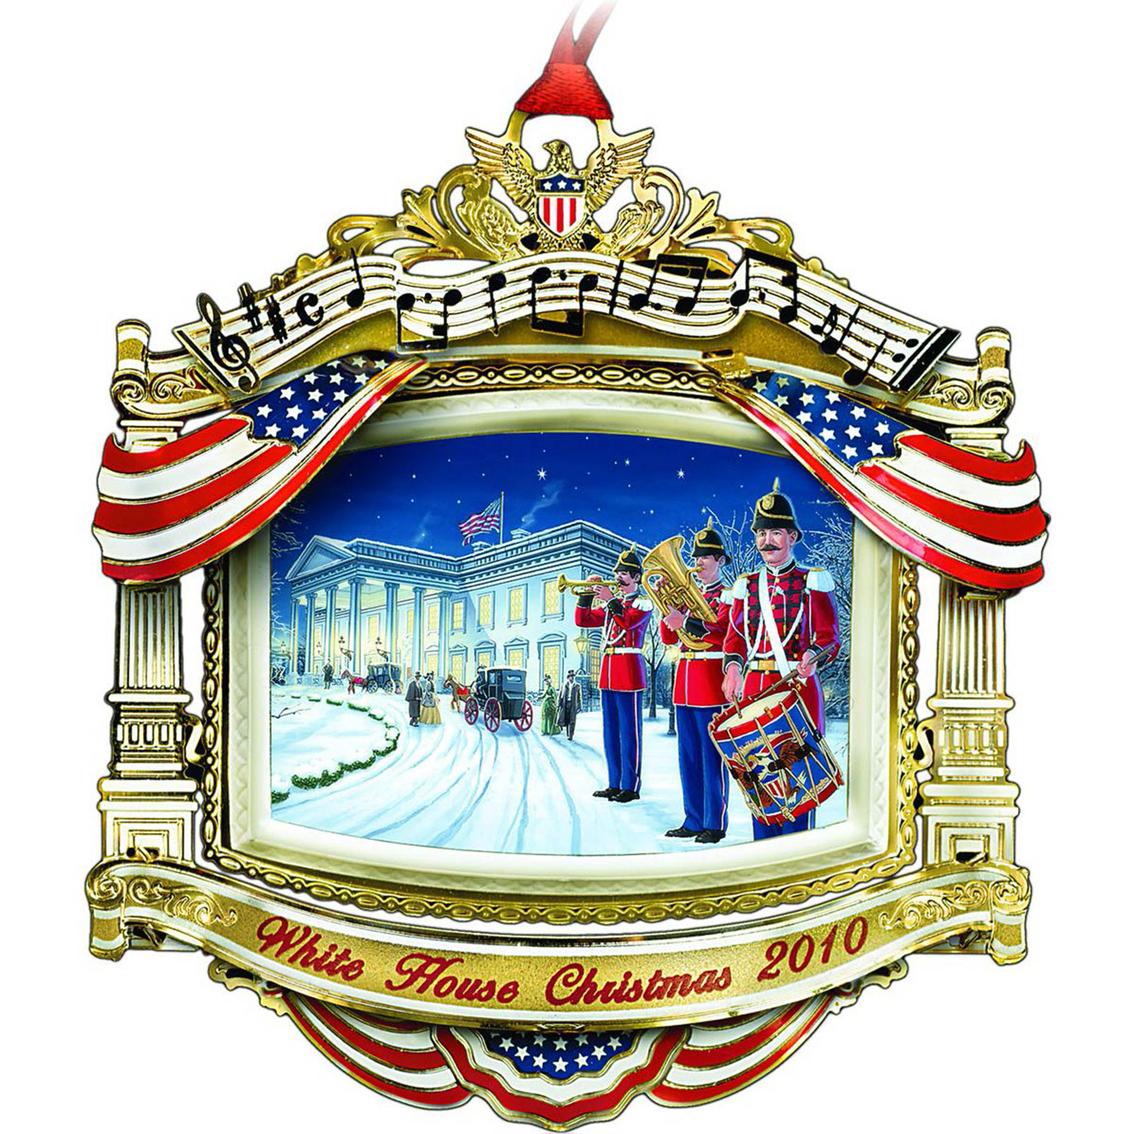 White House Christmas Ornament.Chemart 2010 White House Christmas Ornament Ornaments